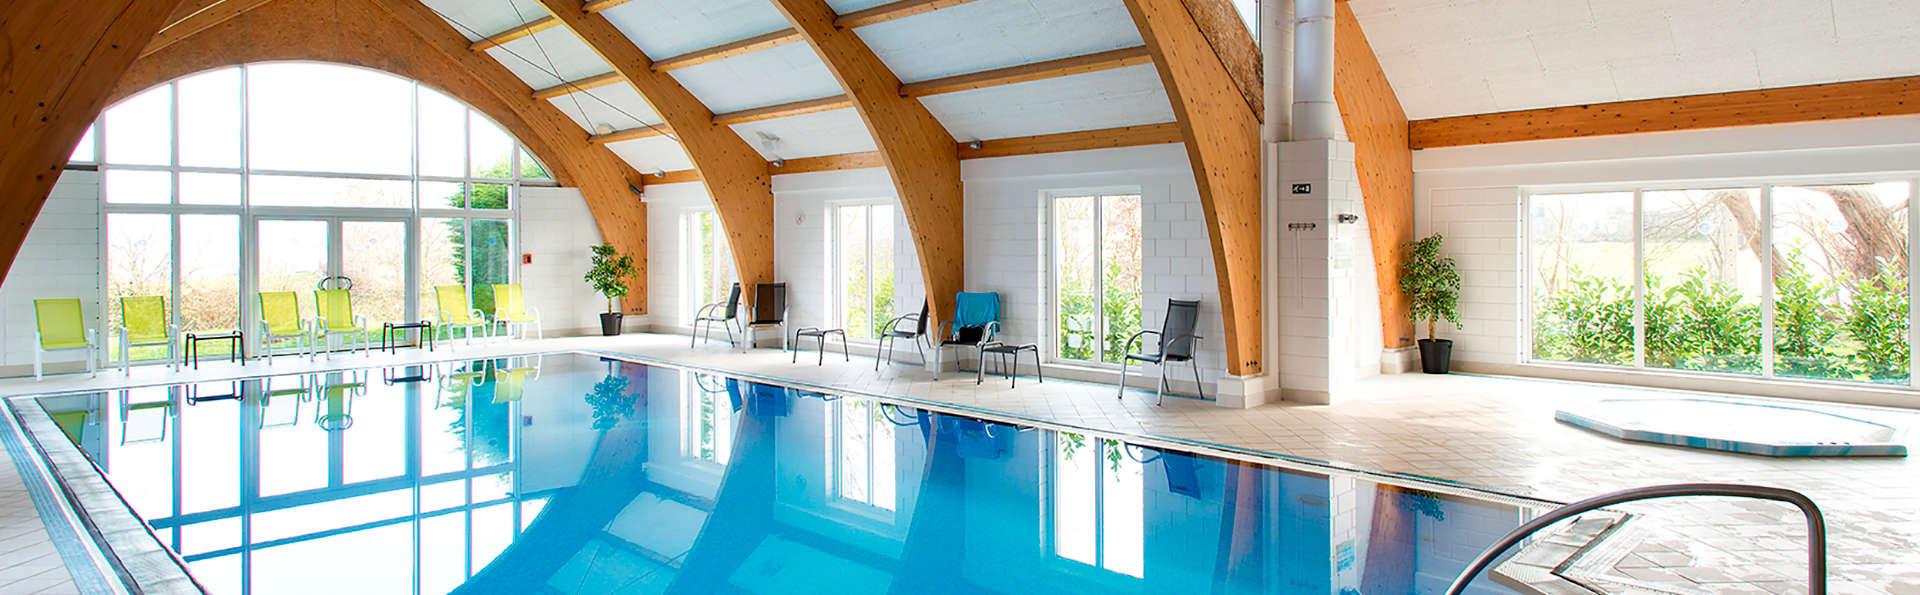 Globales Post Hotel & Wellness - EDIT_spa1.jpg